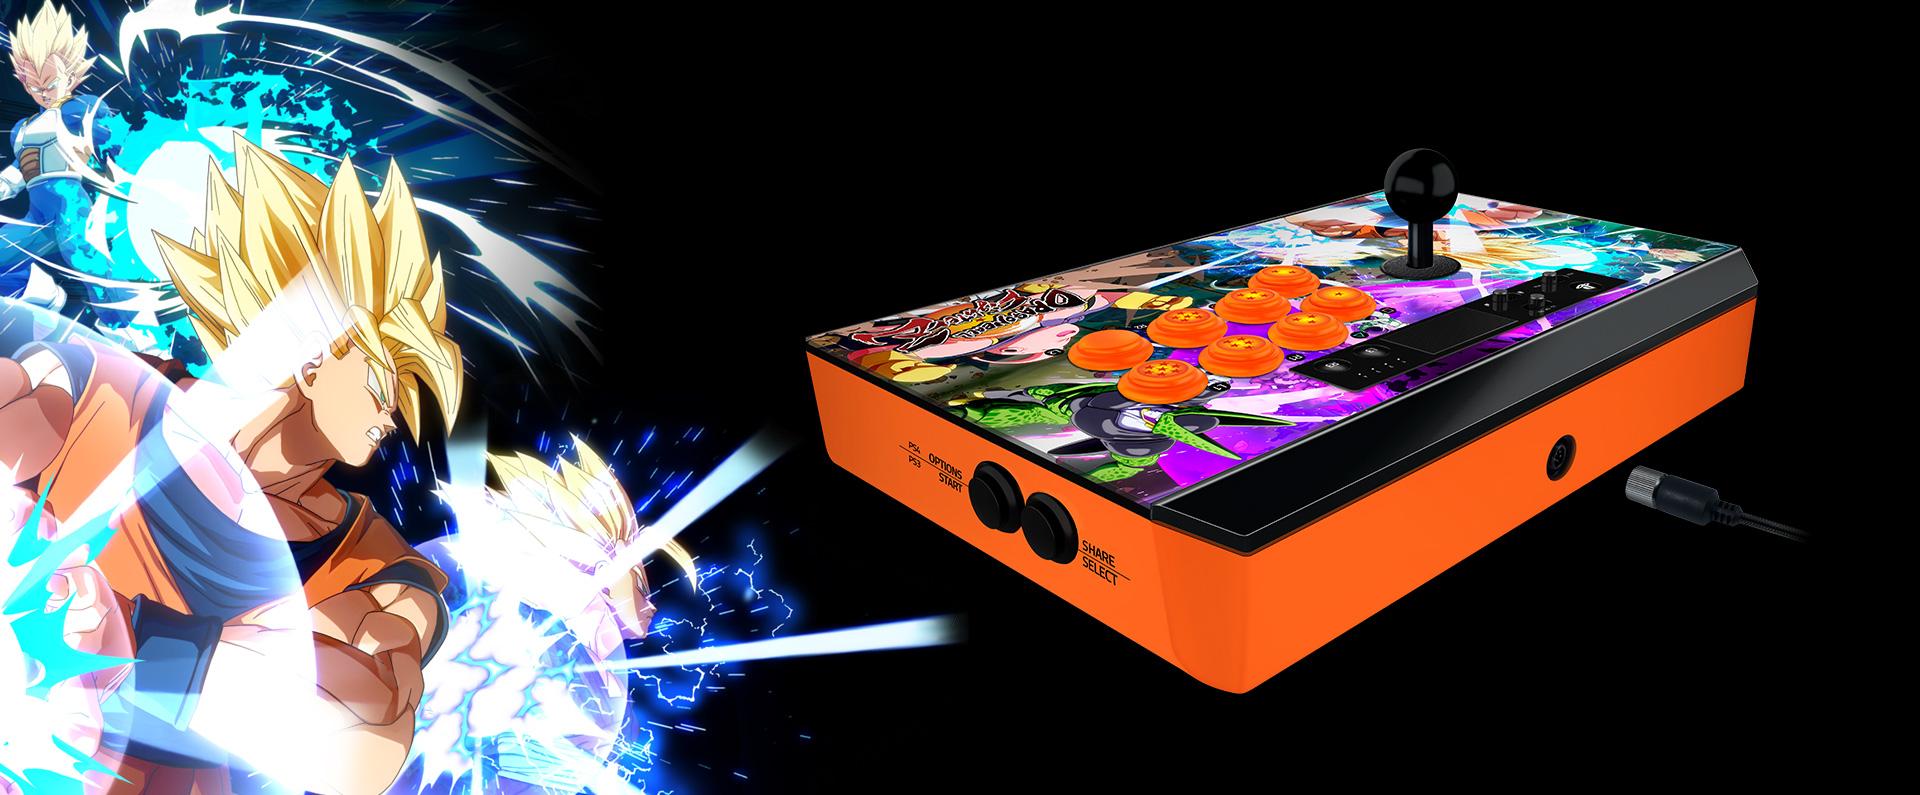 Razer anuncia los nuevos Arcade Stick Dragon Ball FighterZ